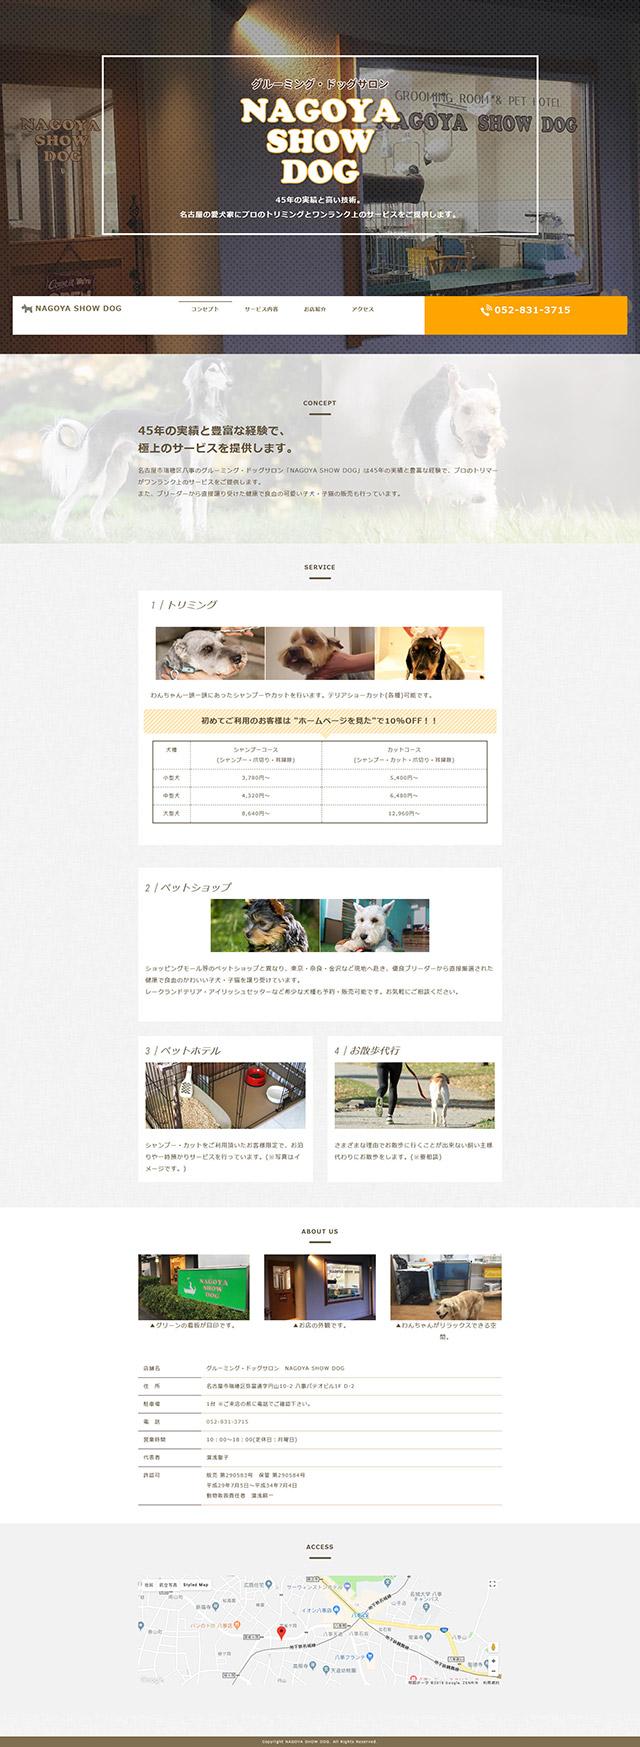 ナゴヤショードッグ様公式ホームページ